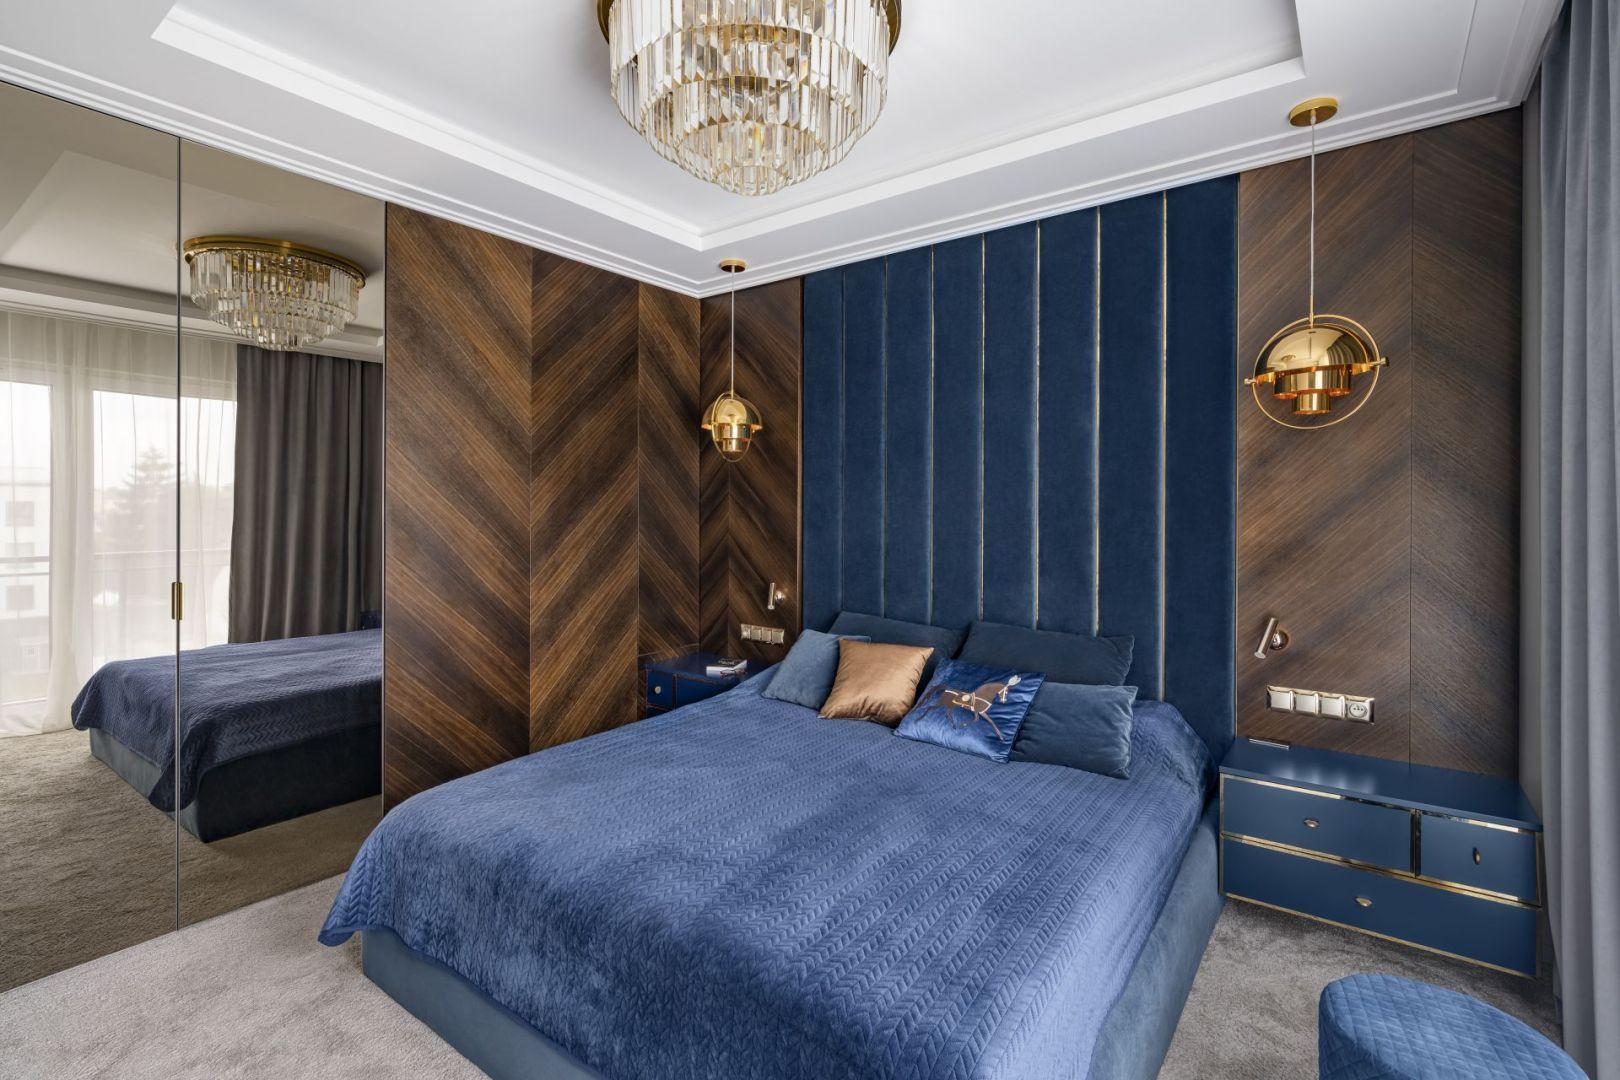 Ściana za łóżkiem w sypialni wykończona jest ozdobnym, grantowym wezgłowiem wykonanym na zamówienie. Projekt: Magdalena Miśkiewicz, Miśkiewicz Design. Fot. Łukasz Zandecki